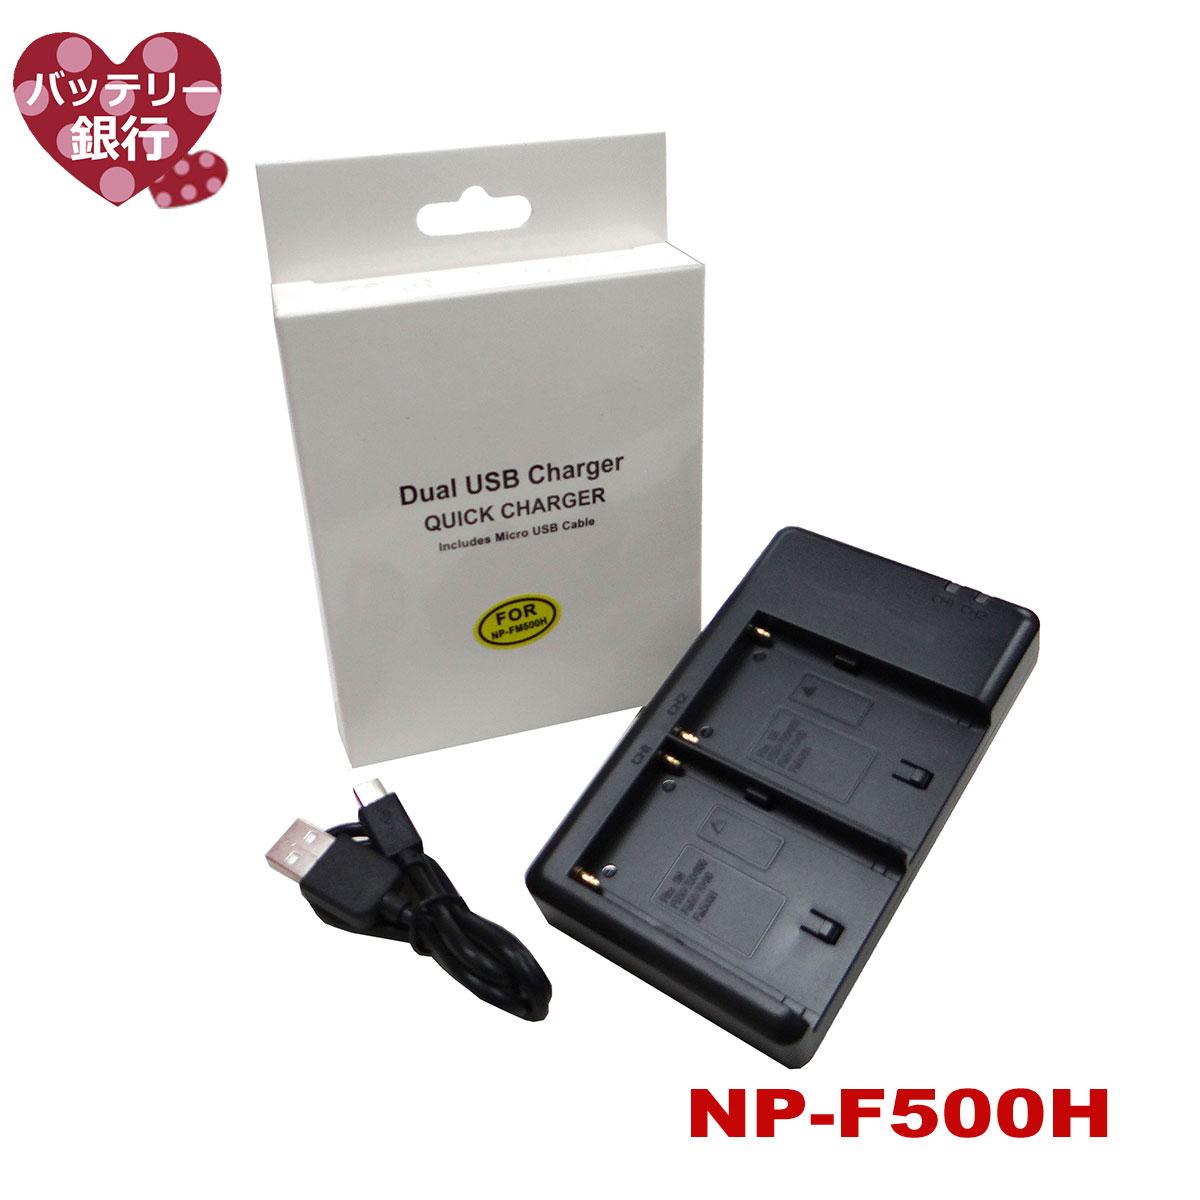 【あす楽対応】Sony NP-FM50/NP-FM500H/NP-F550/LT2F2200/NP-F970 互換対応充電器USBチャージャーデュアルチャネルバッテリー充電器/チャージャー 2個まで同時充電可能急速互換充電器チャージャーBC-VM10